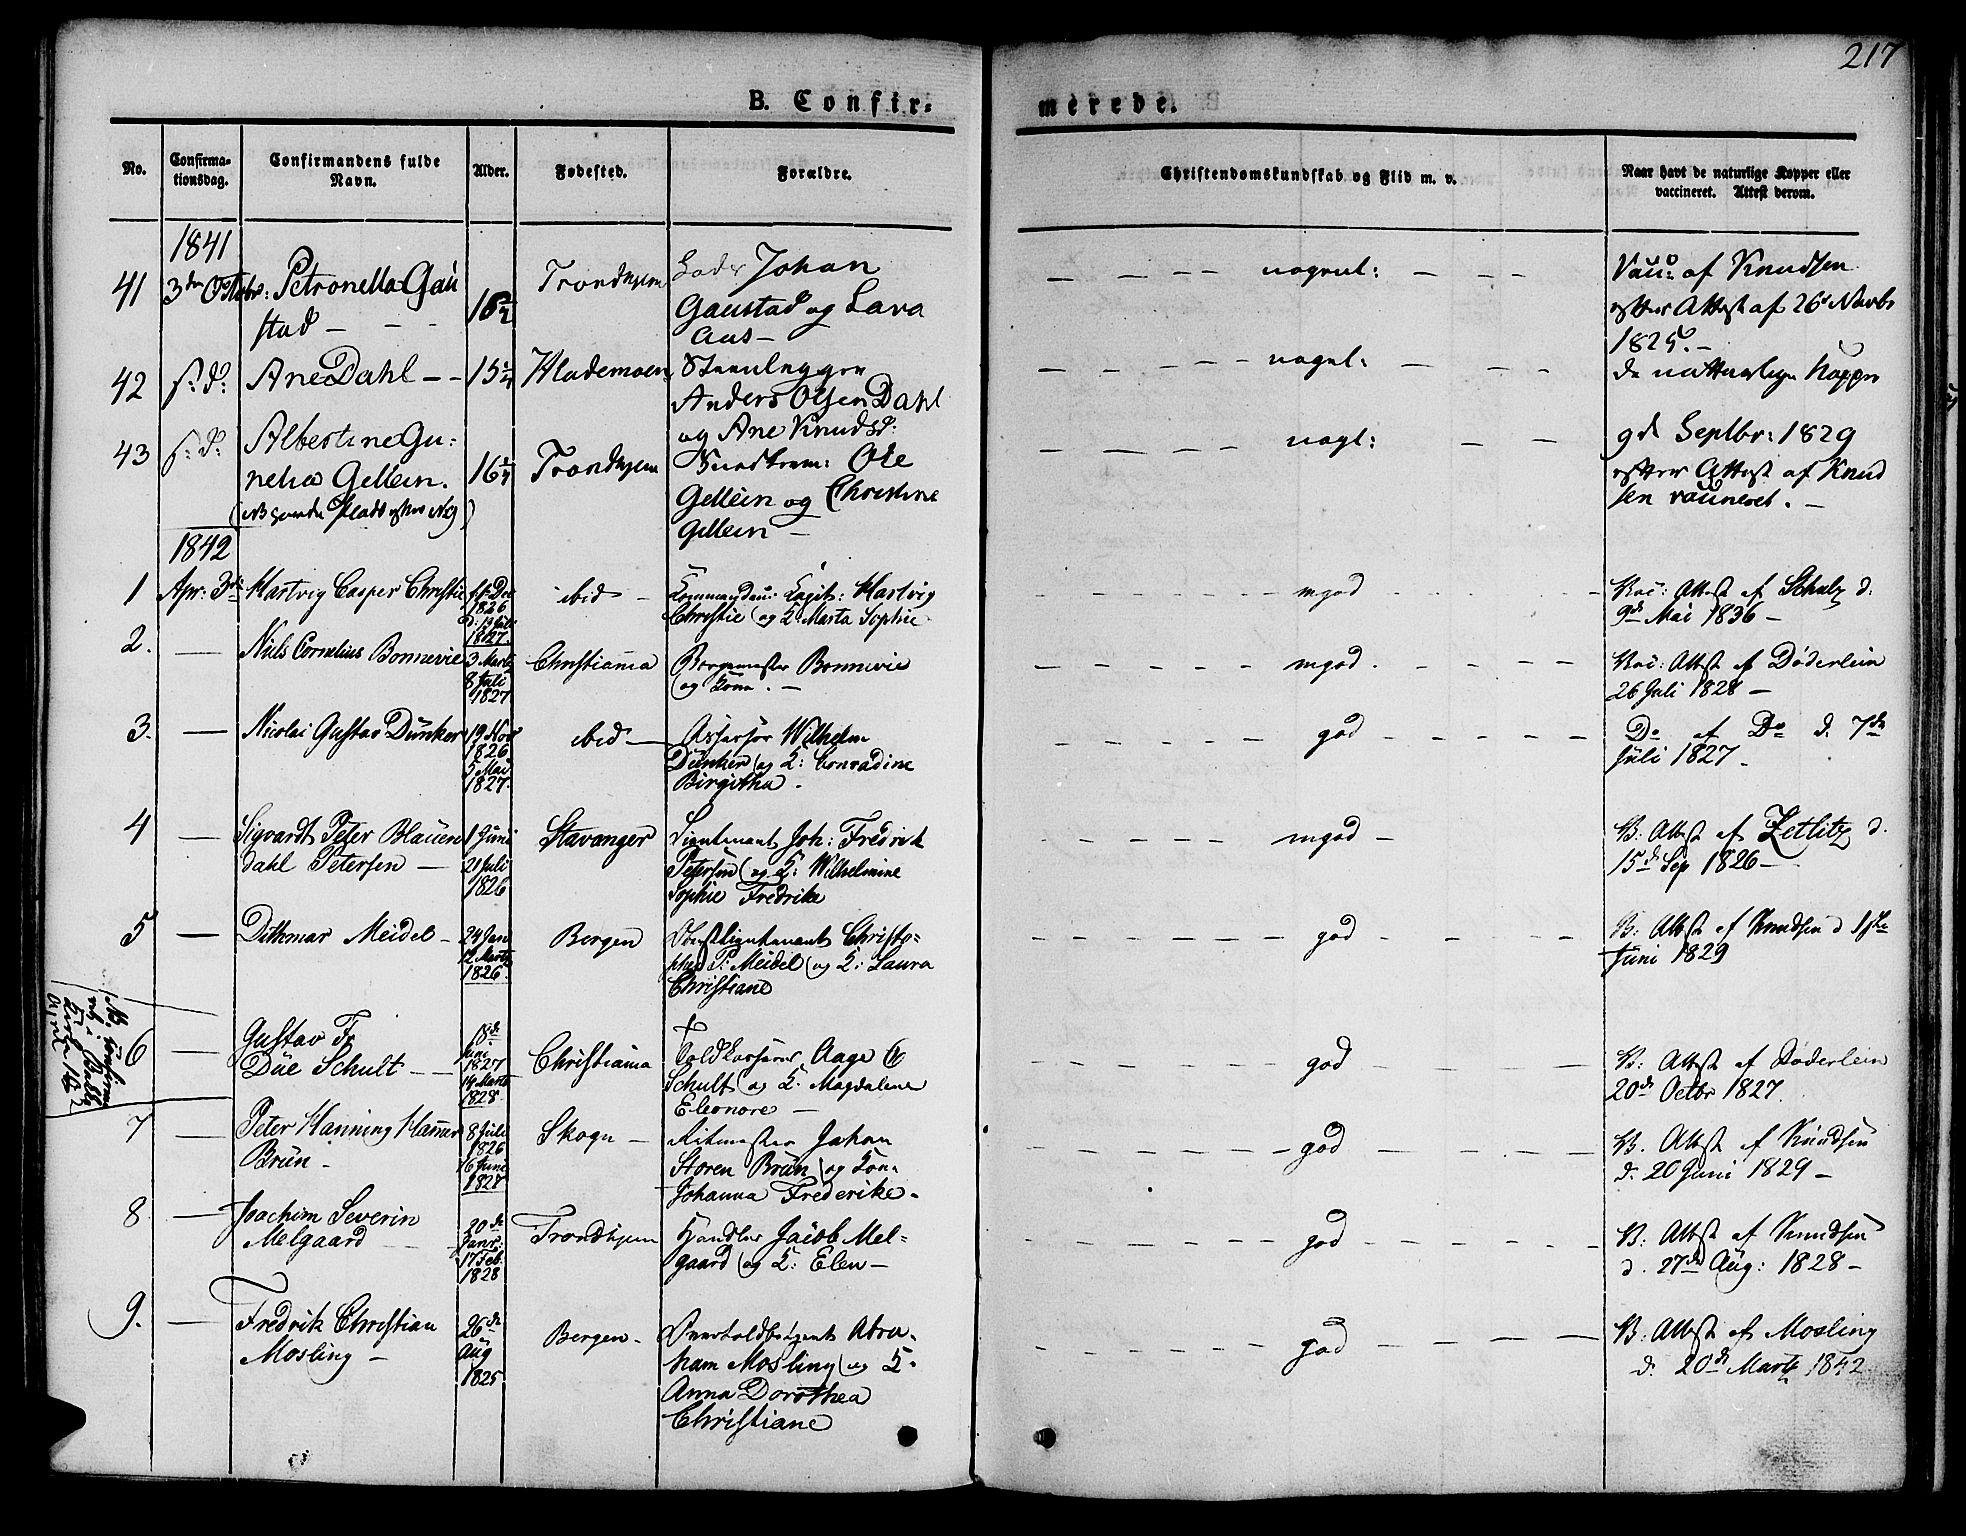 SAT, Ministerialprotokoller, klokkerbøker og fødselsregistre - Sør-Trøndelag, 601/L0048: Ministerialbok nr. 601A16, 1840-1847, s. 217